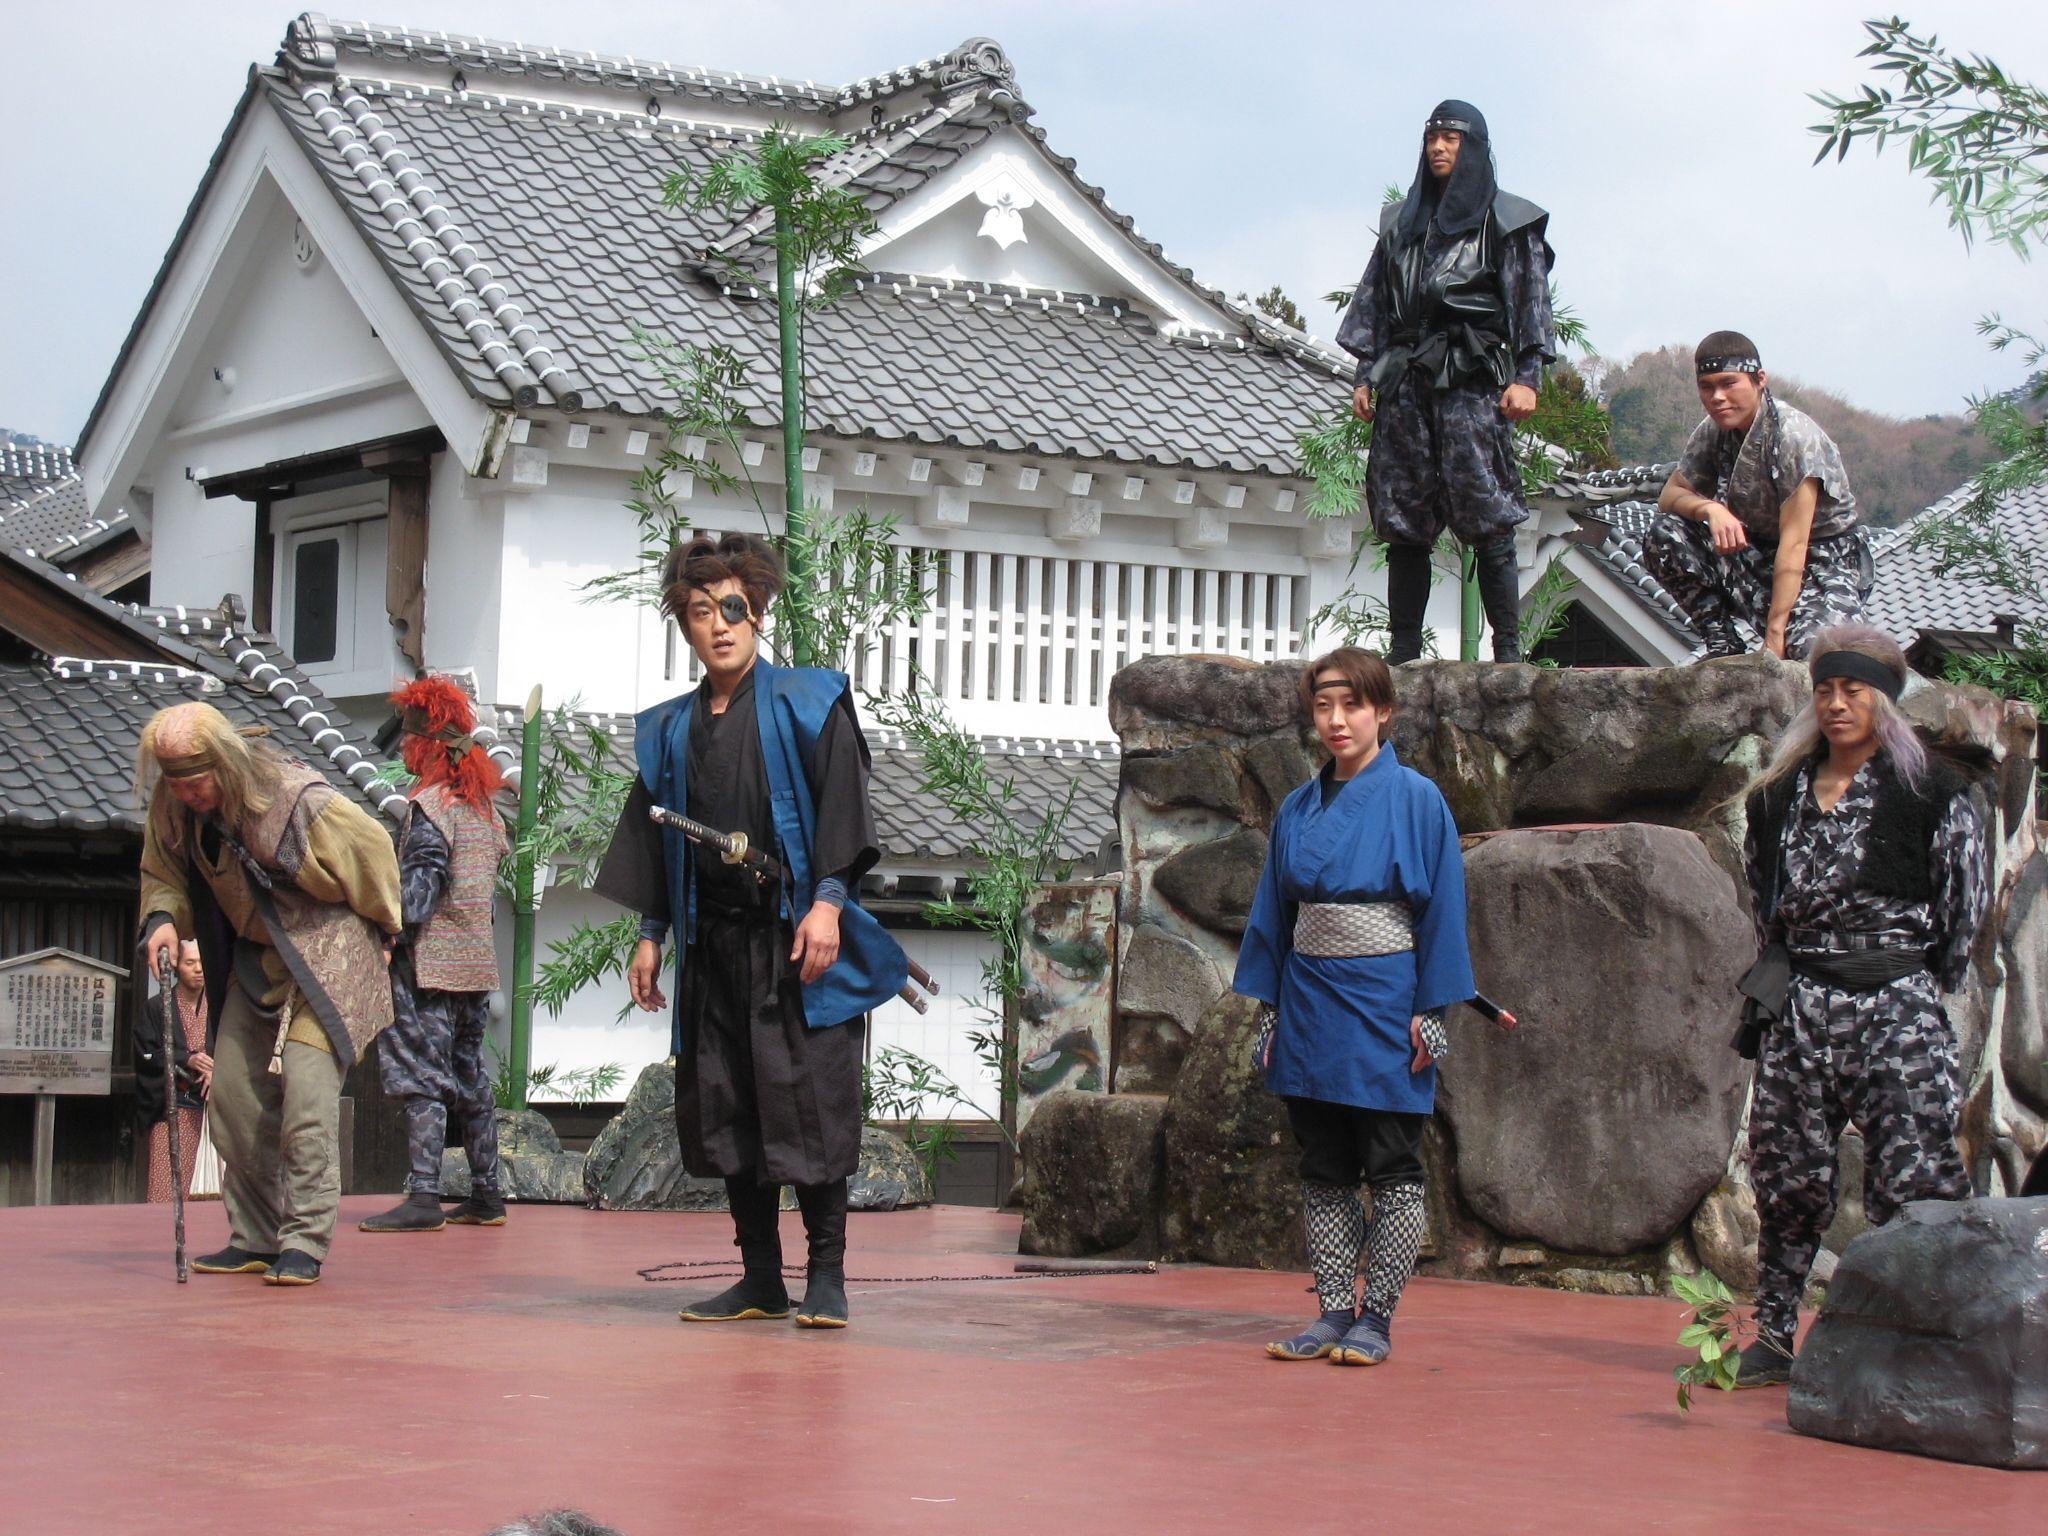 日光時代村。Nikko jidaimura. Outdoor action period drama with Fx effects.